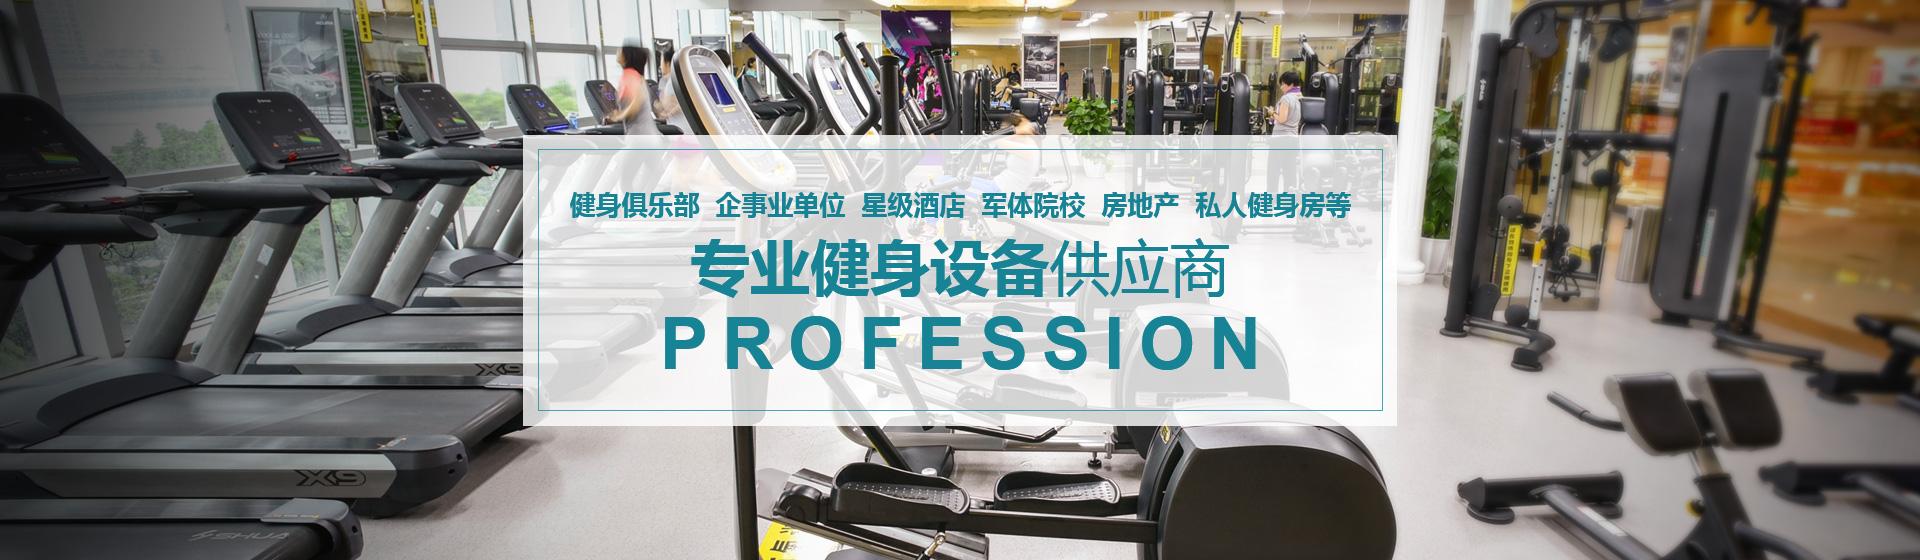 企事业单位健身房